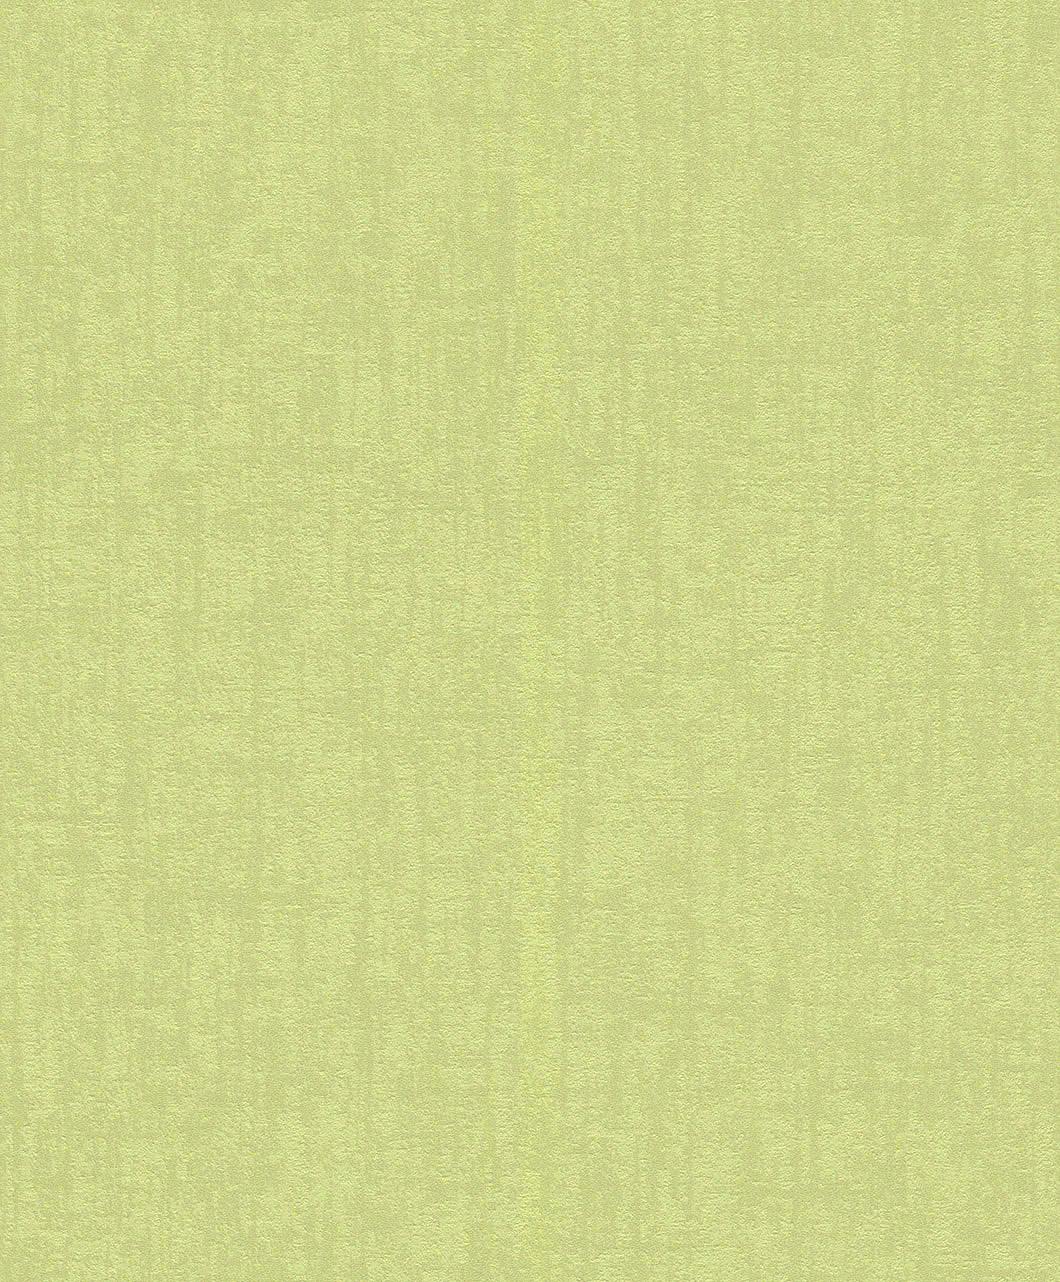 Egyszínű zöld modern tapéta.